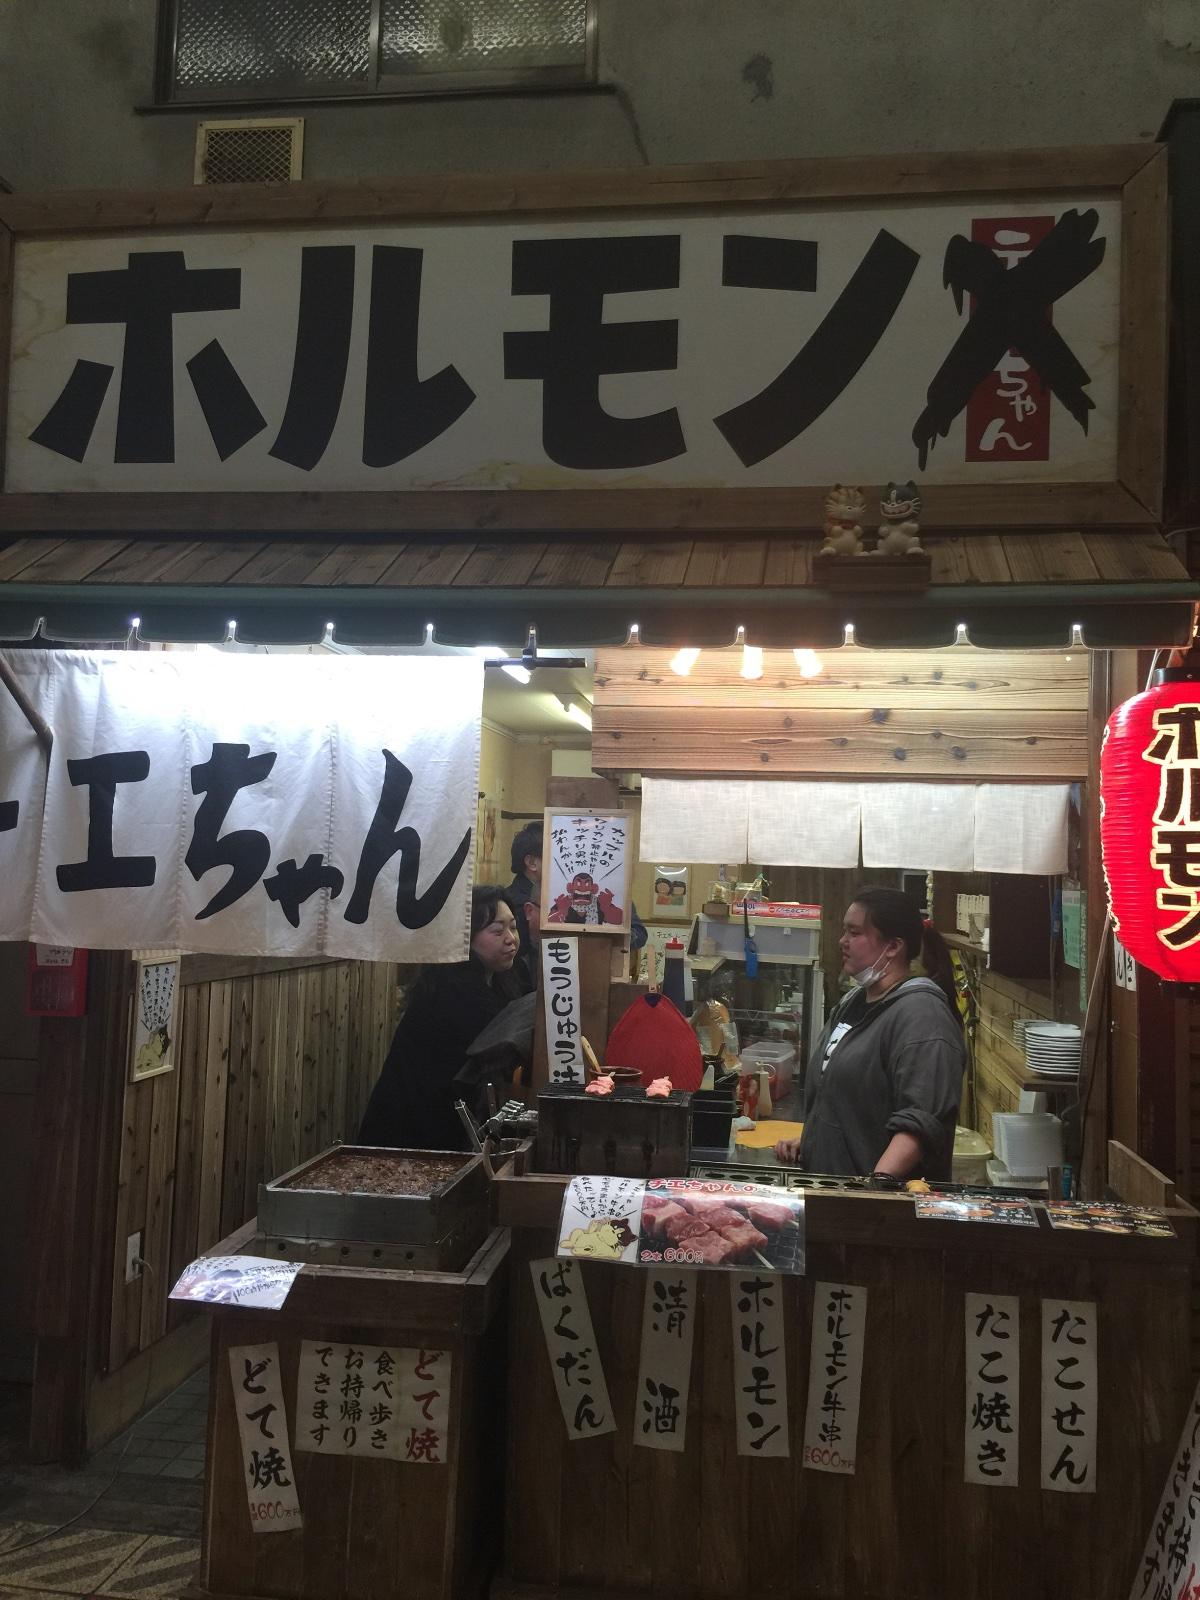 新世界ジャンジャン横丁チエちゃん